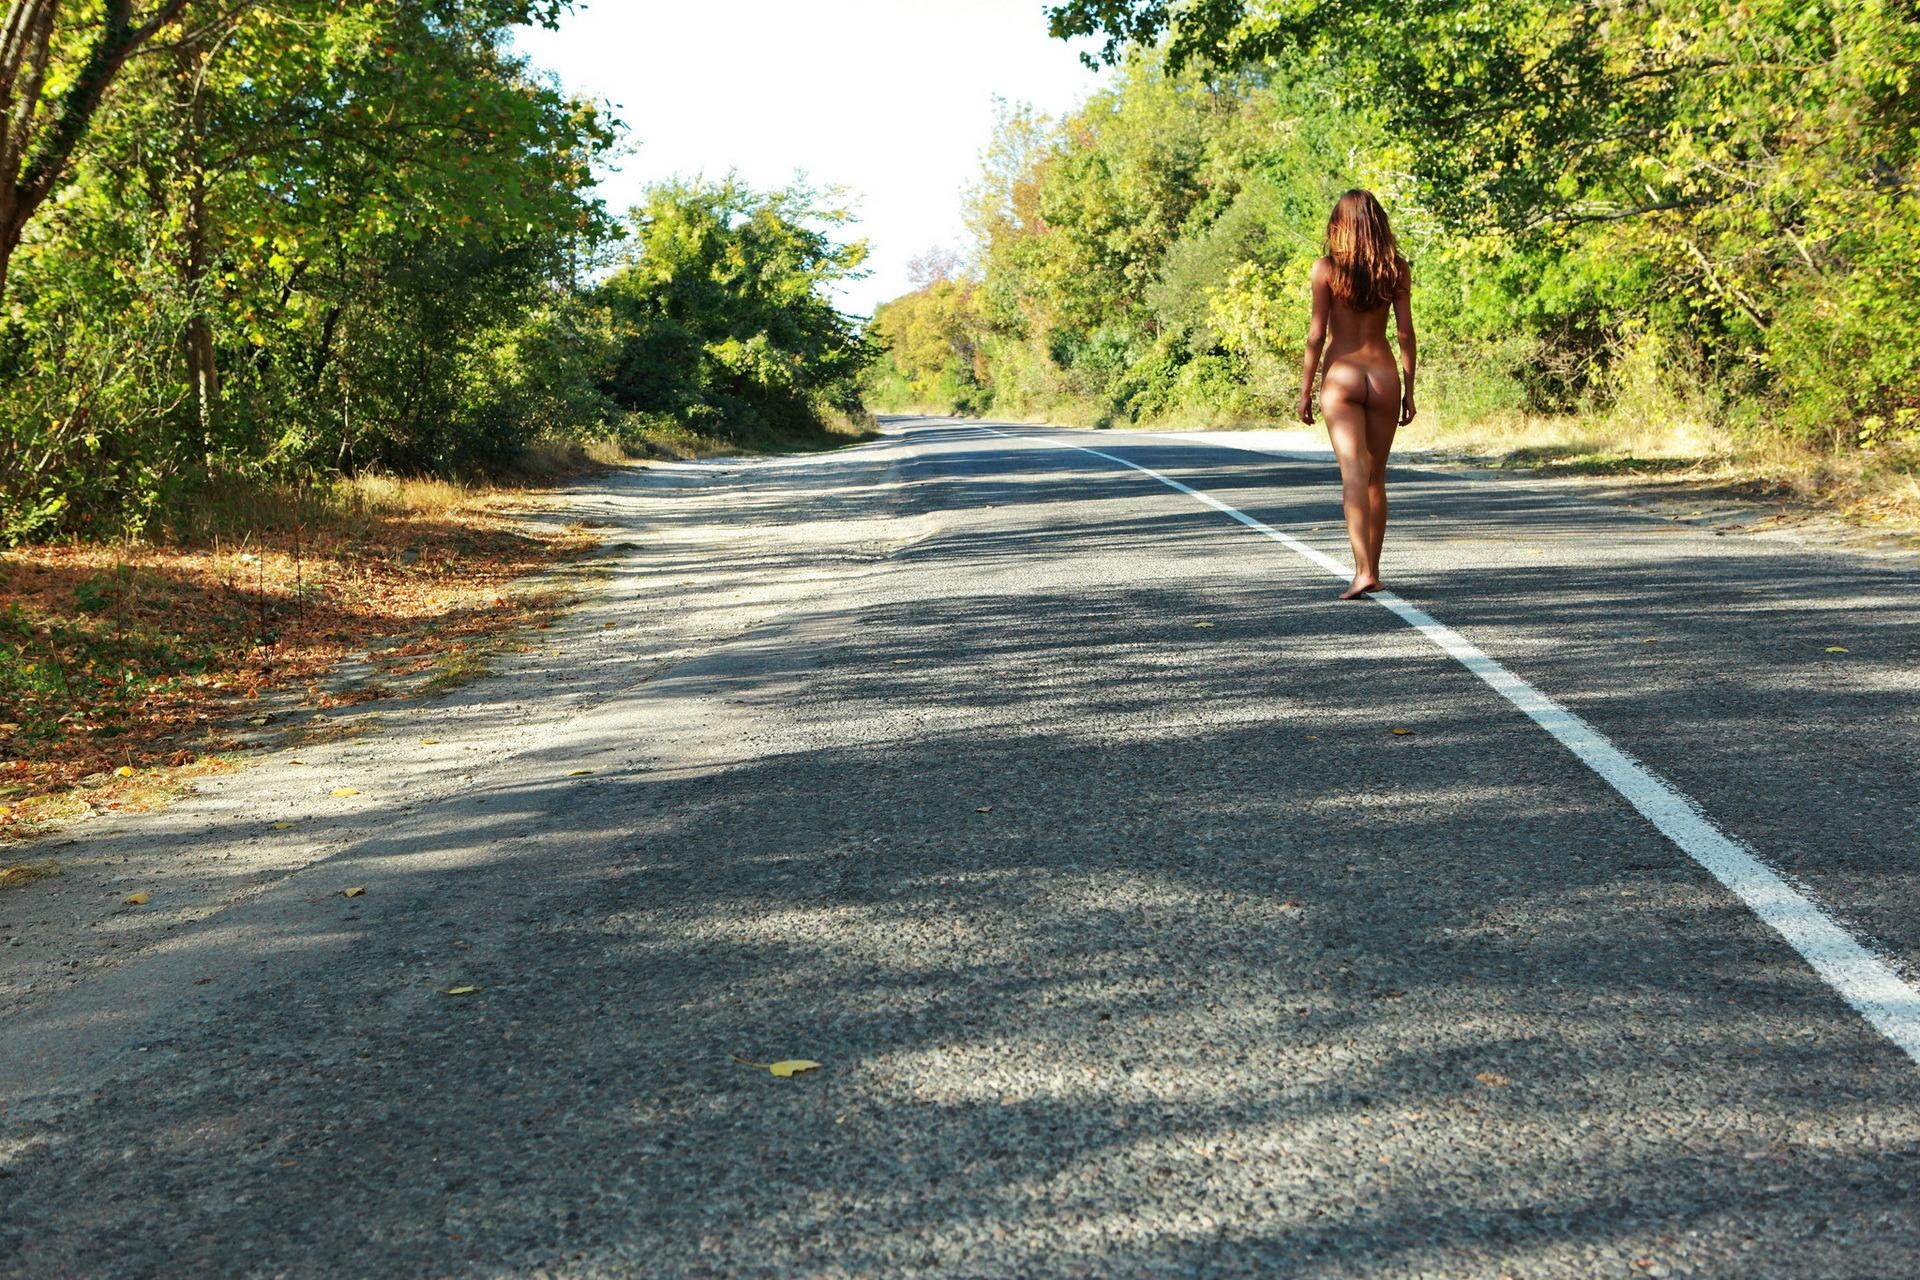 Nude road rule